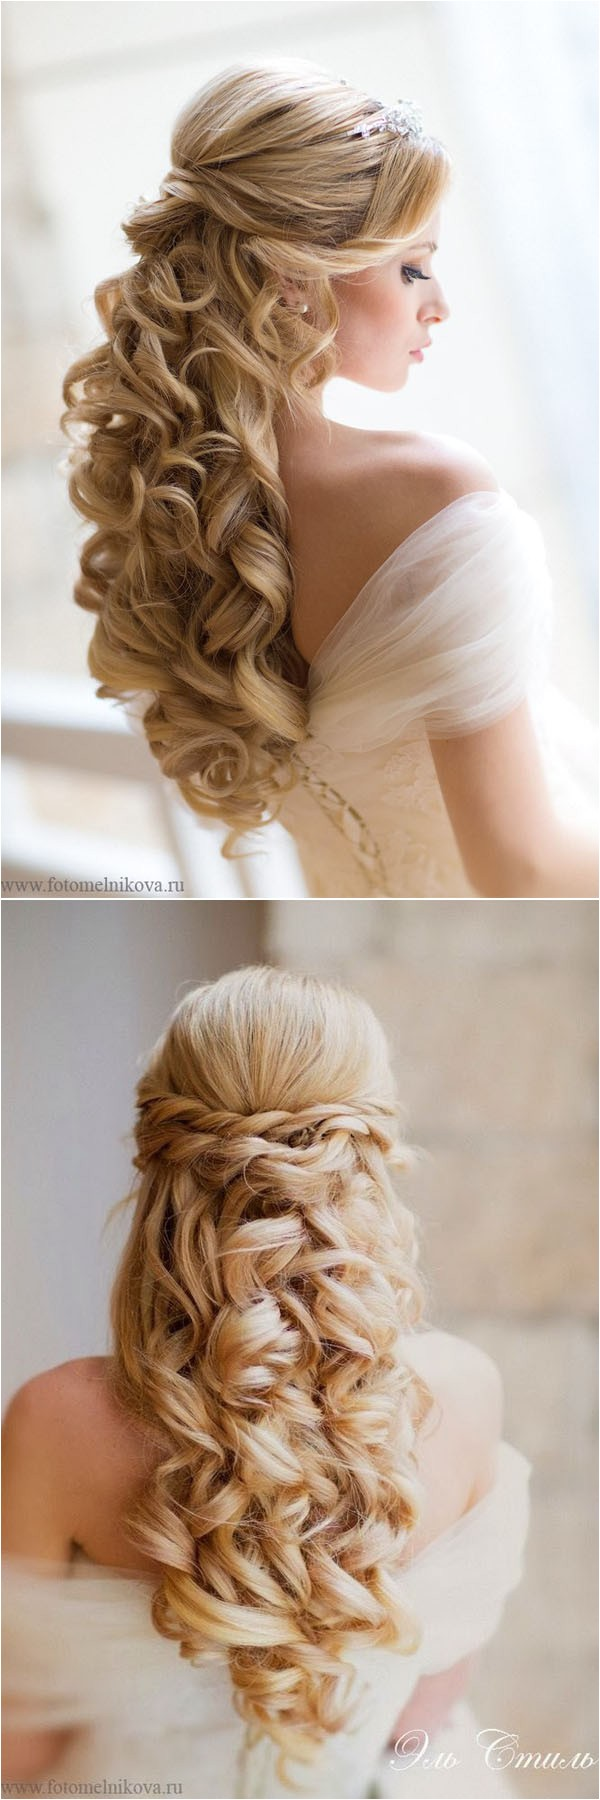 Soft Curls for Wedding Hairstyle Trubridal Wedding Blog